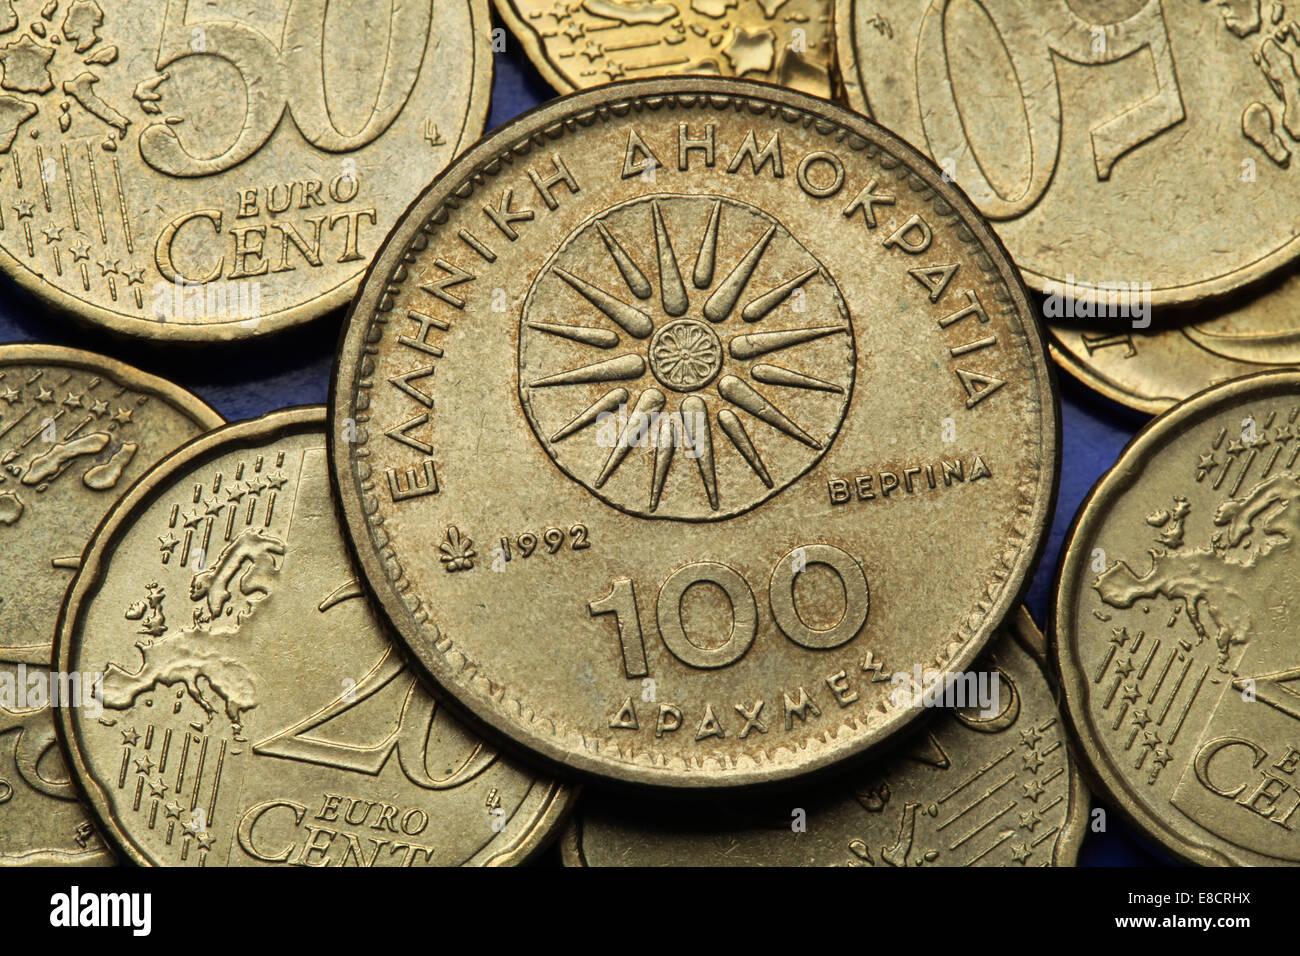 Münzen Aus Griechenland Die Vergina Sonne Dargestellt Auch Bekannt